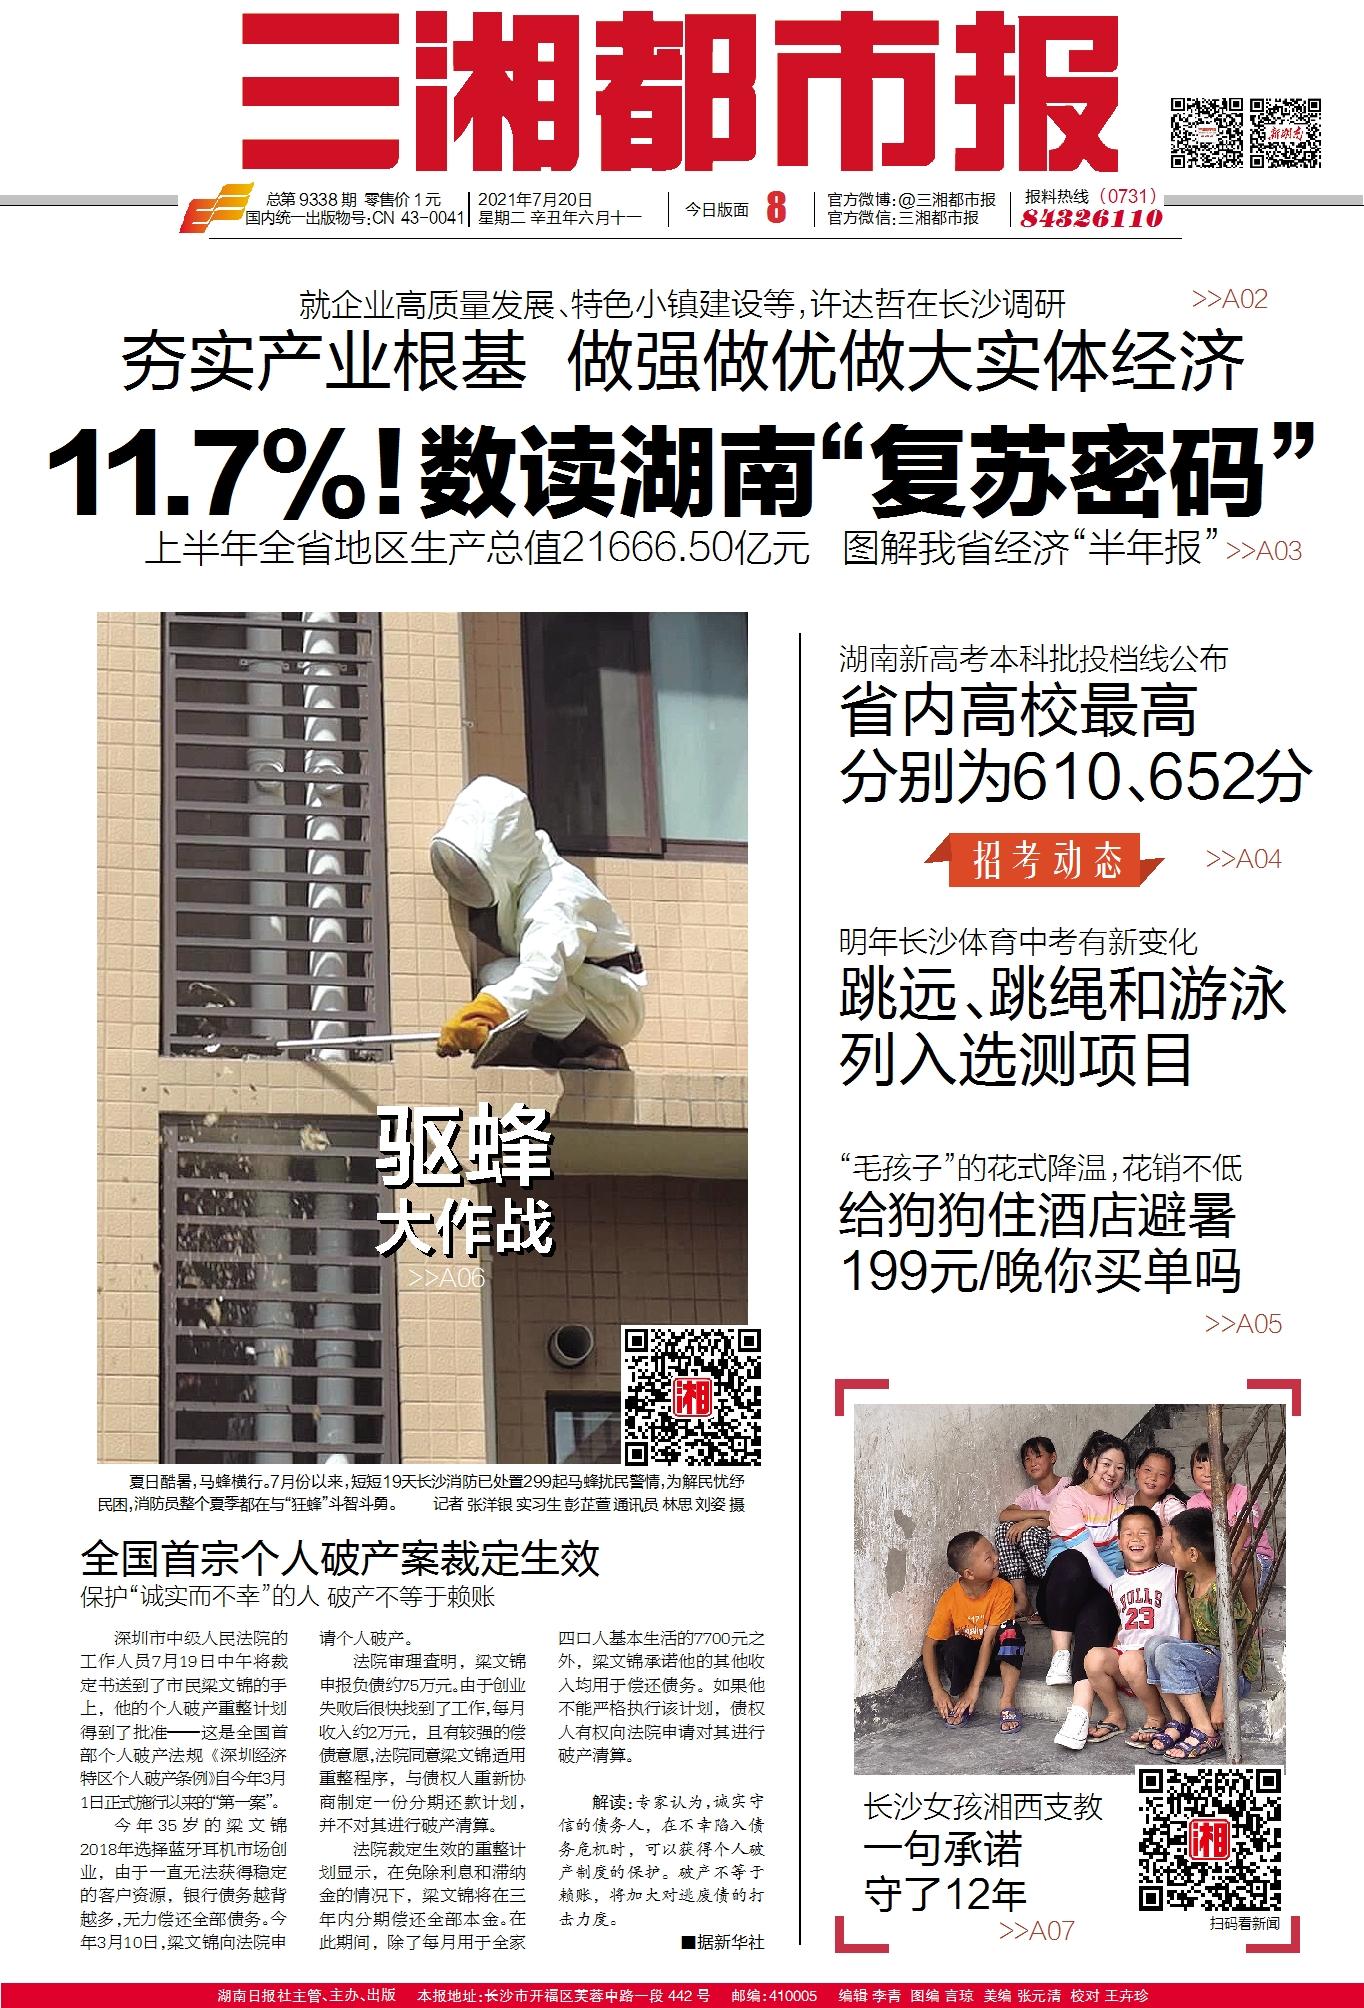 读报|湖南新高考本科批投档线公布,这些变化趋势值得关注